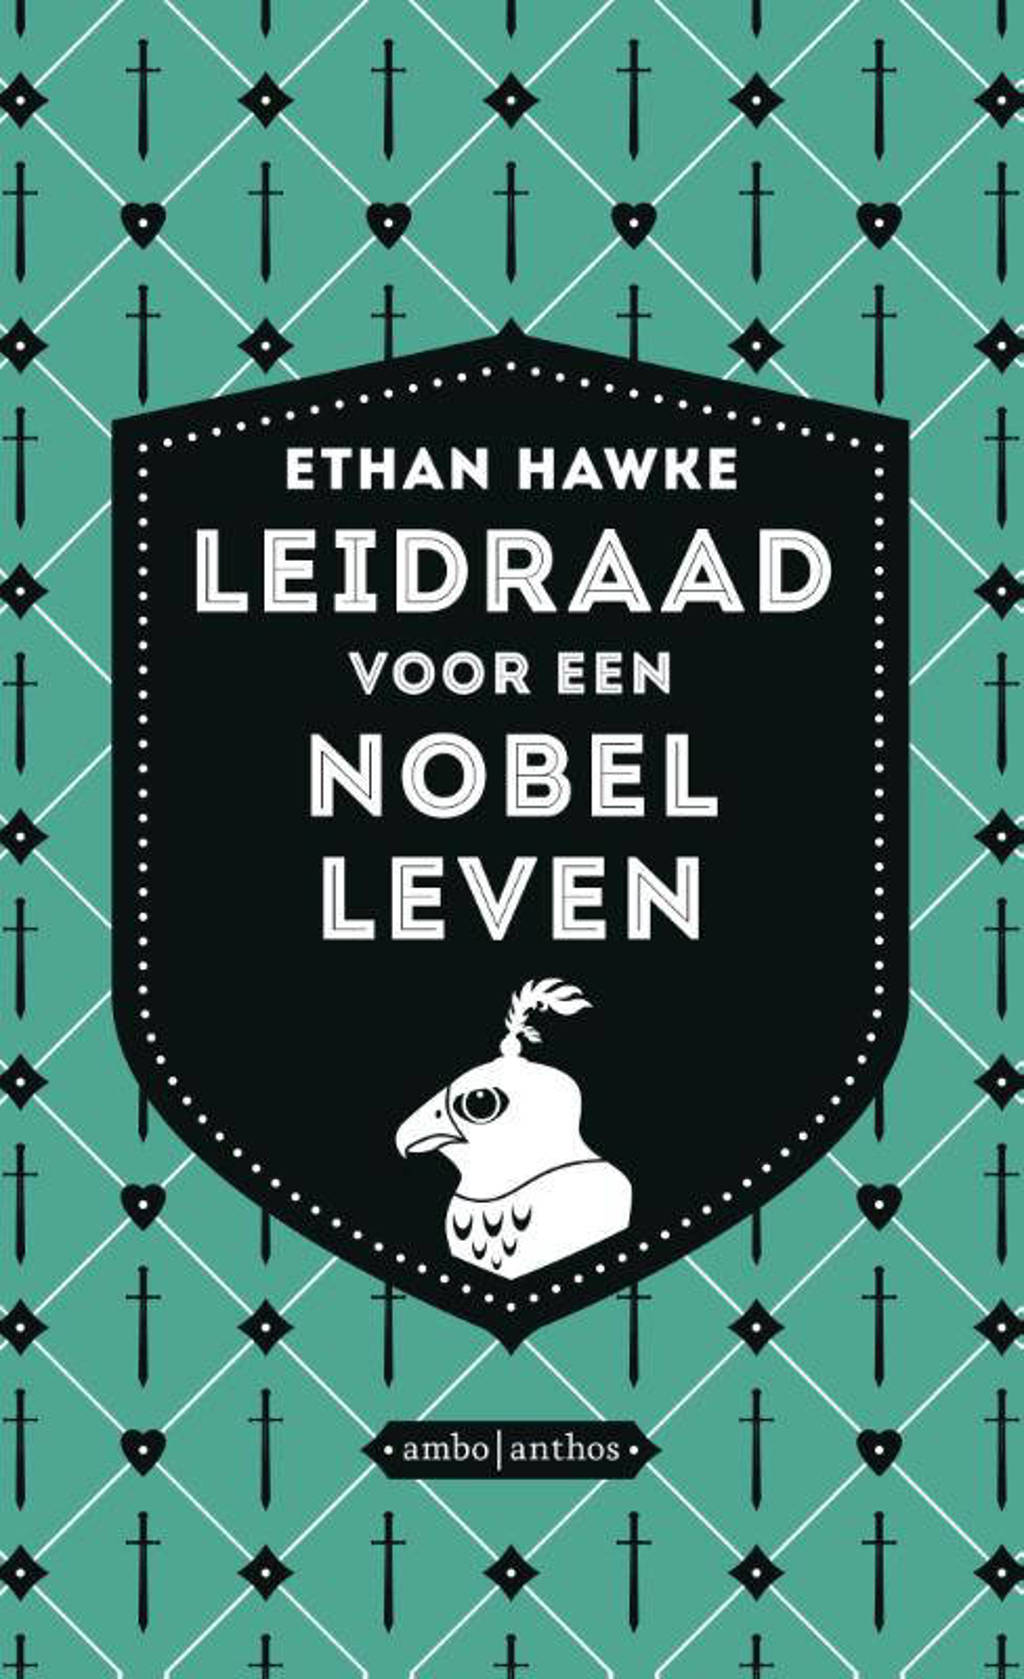 Leidraad voor een nobel leven - Display + 6 exx - Ethan Hawke